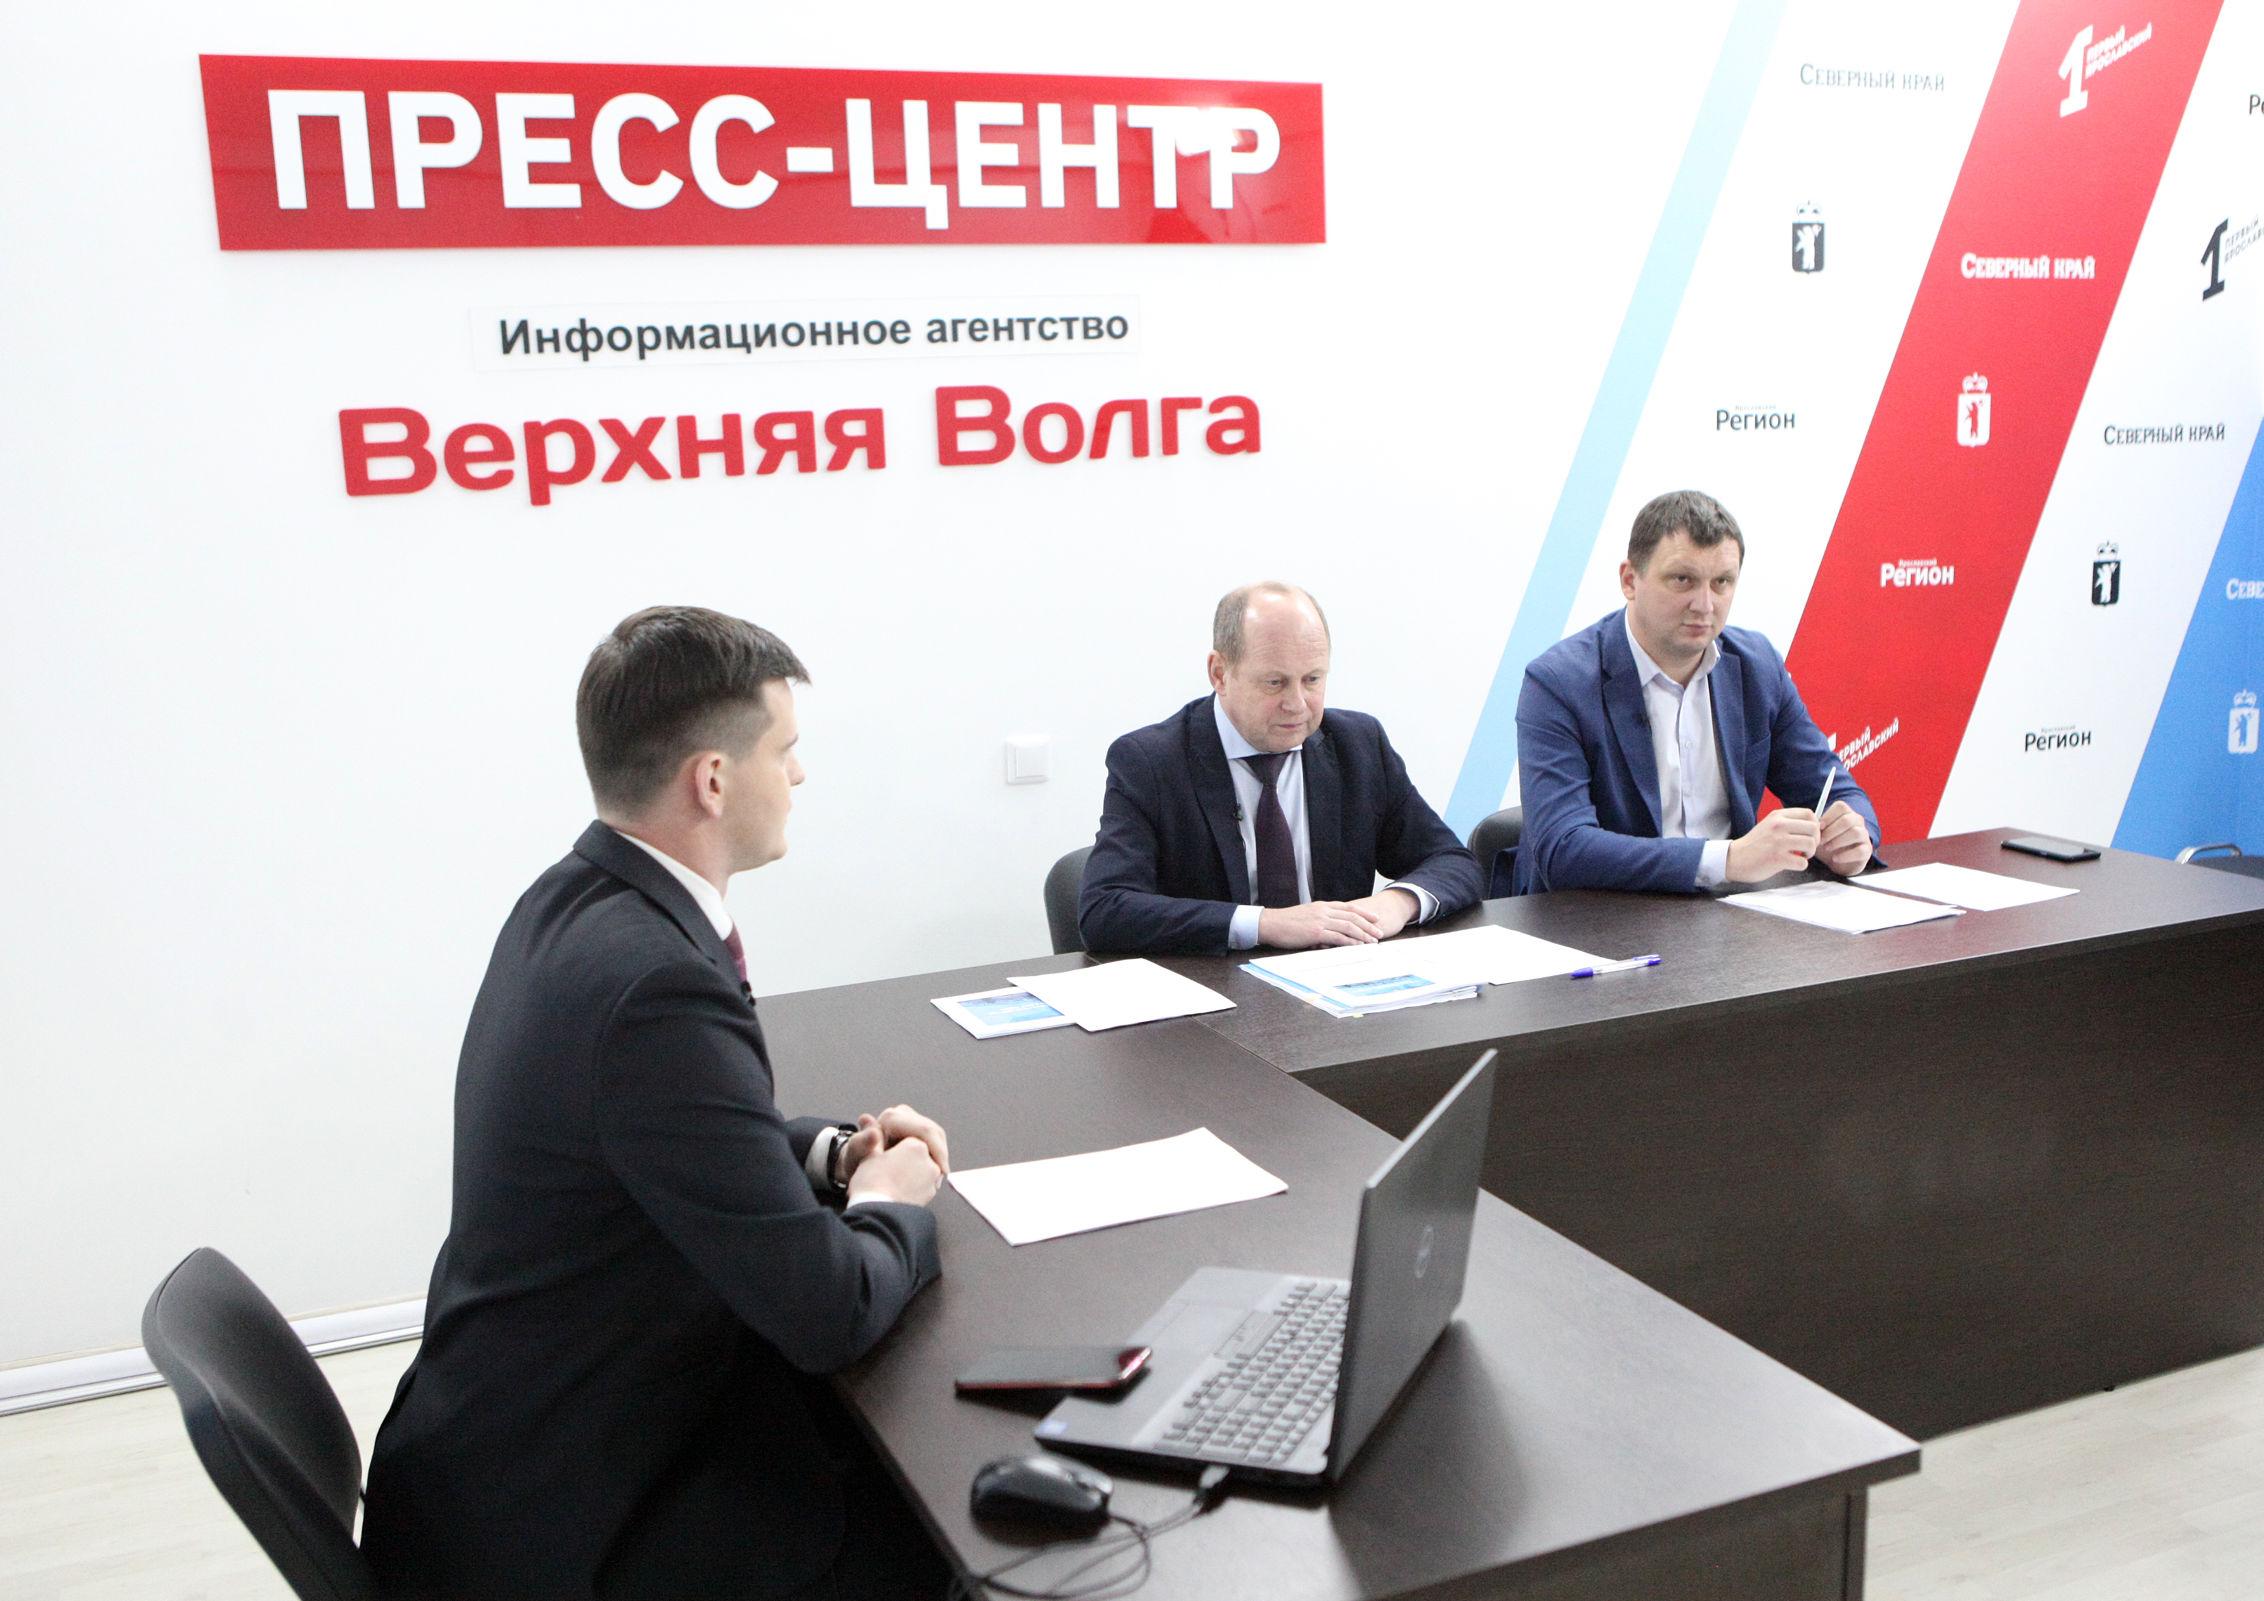 Публичные слушания по проекту областного бюджета на трехлетний период прошли в режиме онлайн